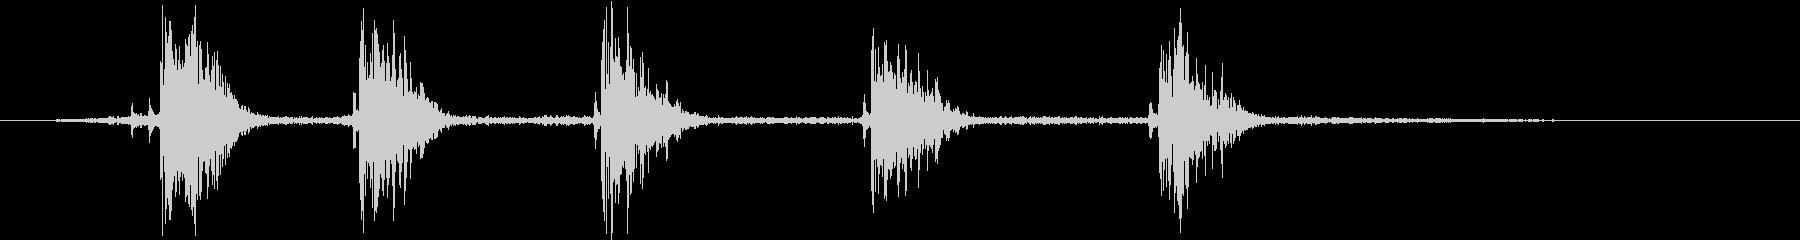 タゴガエルの鳴き声(ソロ/1コーラス)の未再生の波形